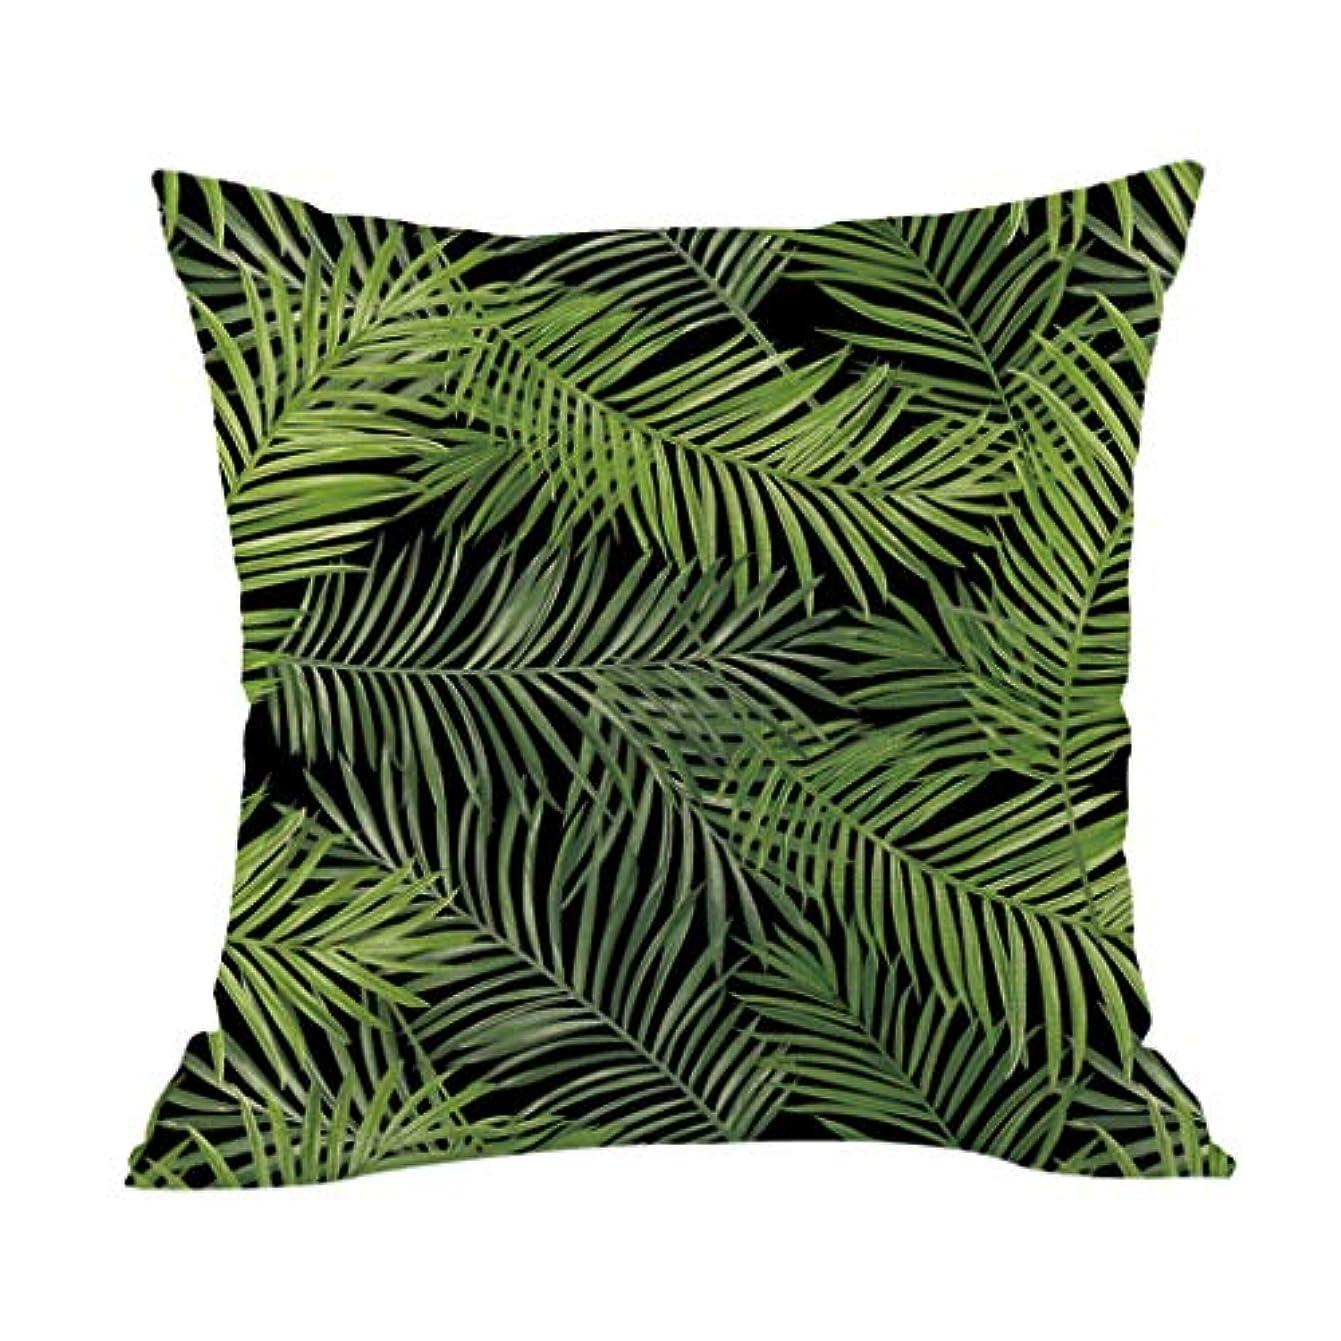 シュガー可能つぼみLIFE 高品質クッション熱帯植物ポリエステル枕ソファ投げるパッドセットホーム人格クッション coussin decoratif クッション 椅子